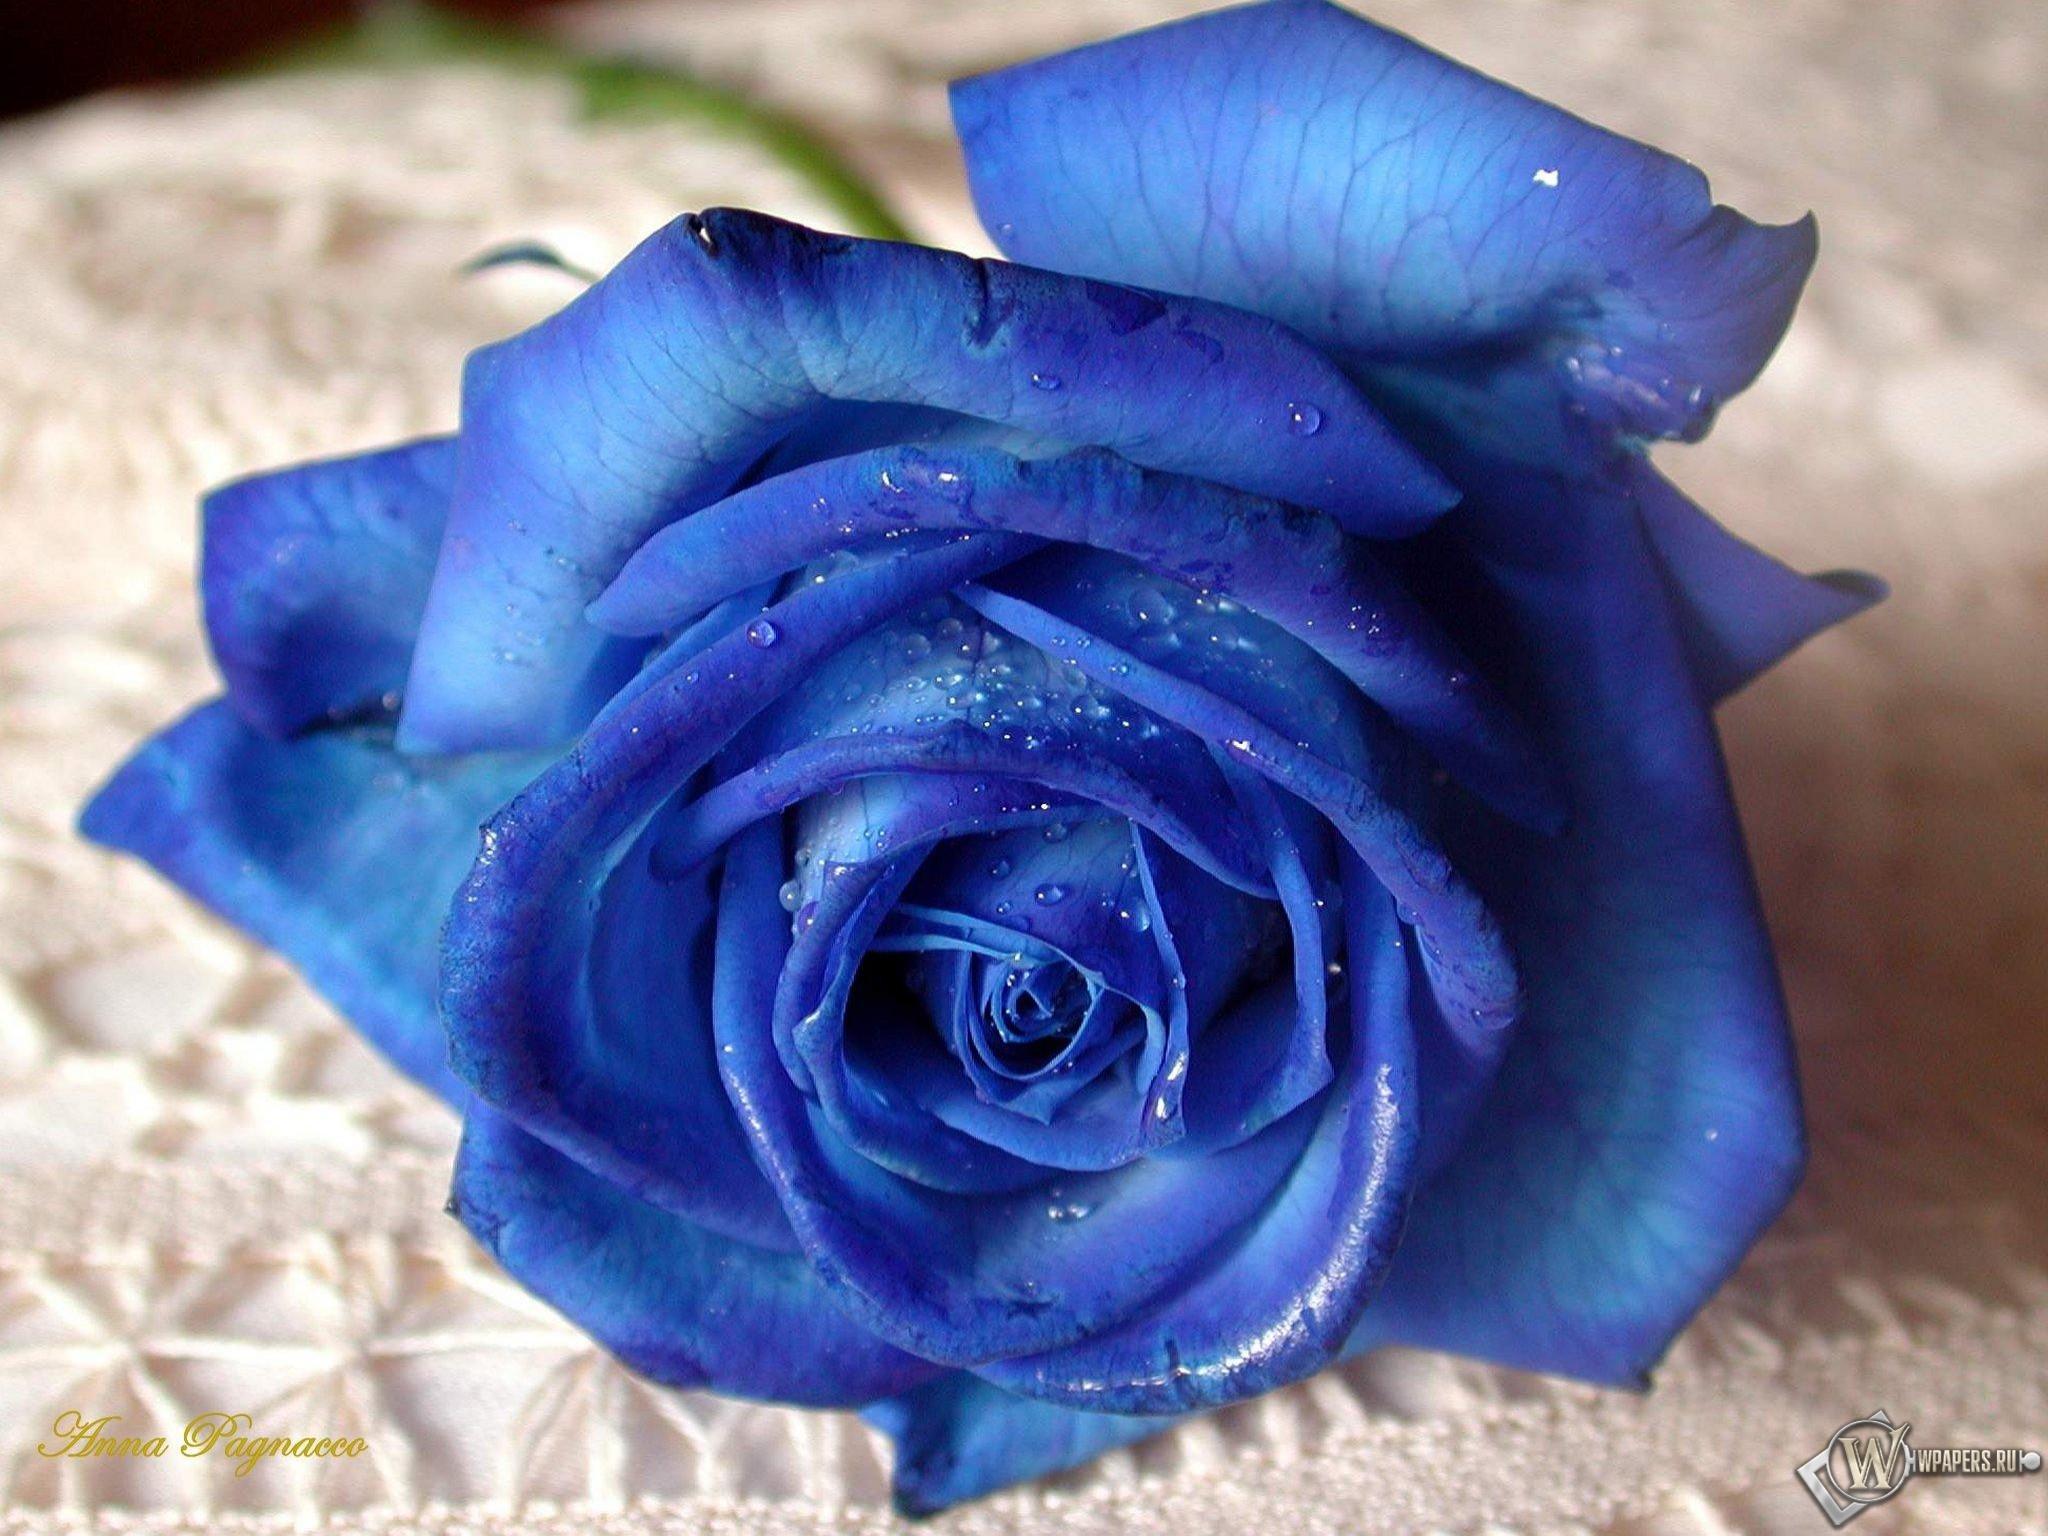 Синяя роза 2048x1536